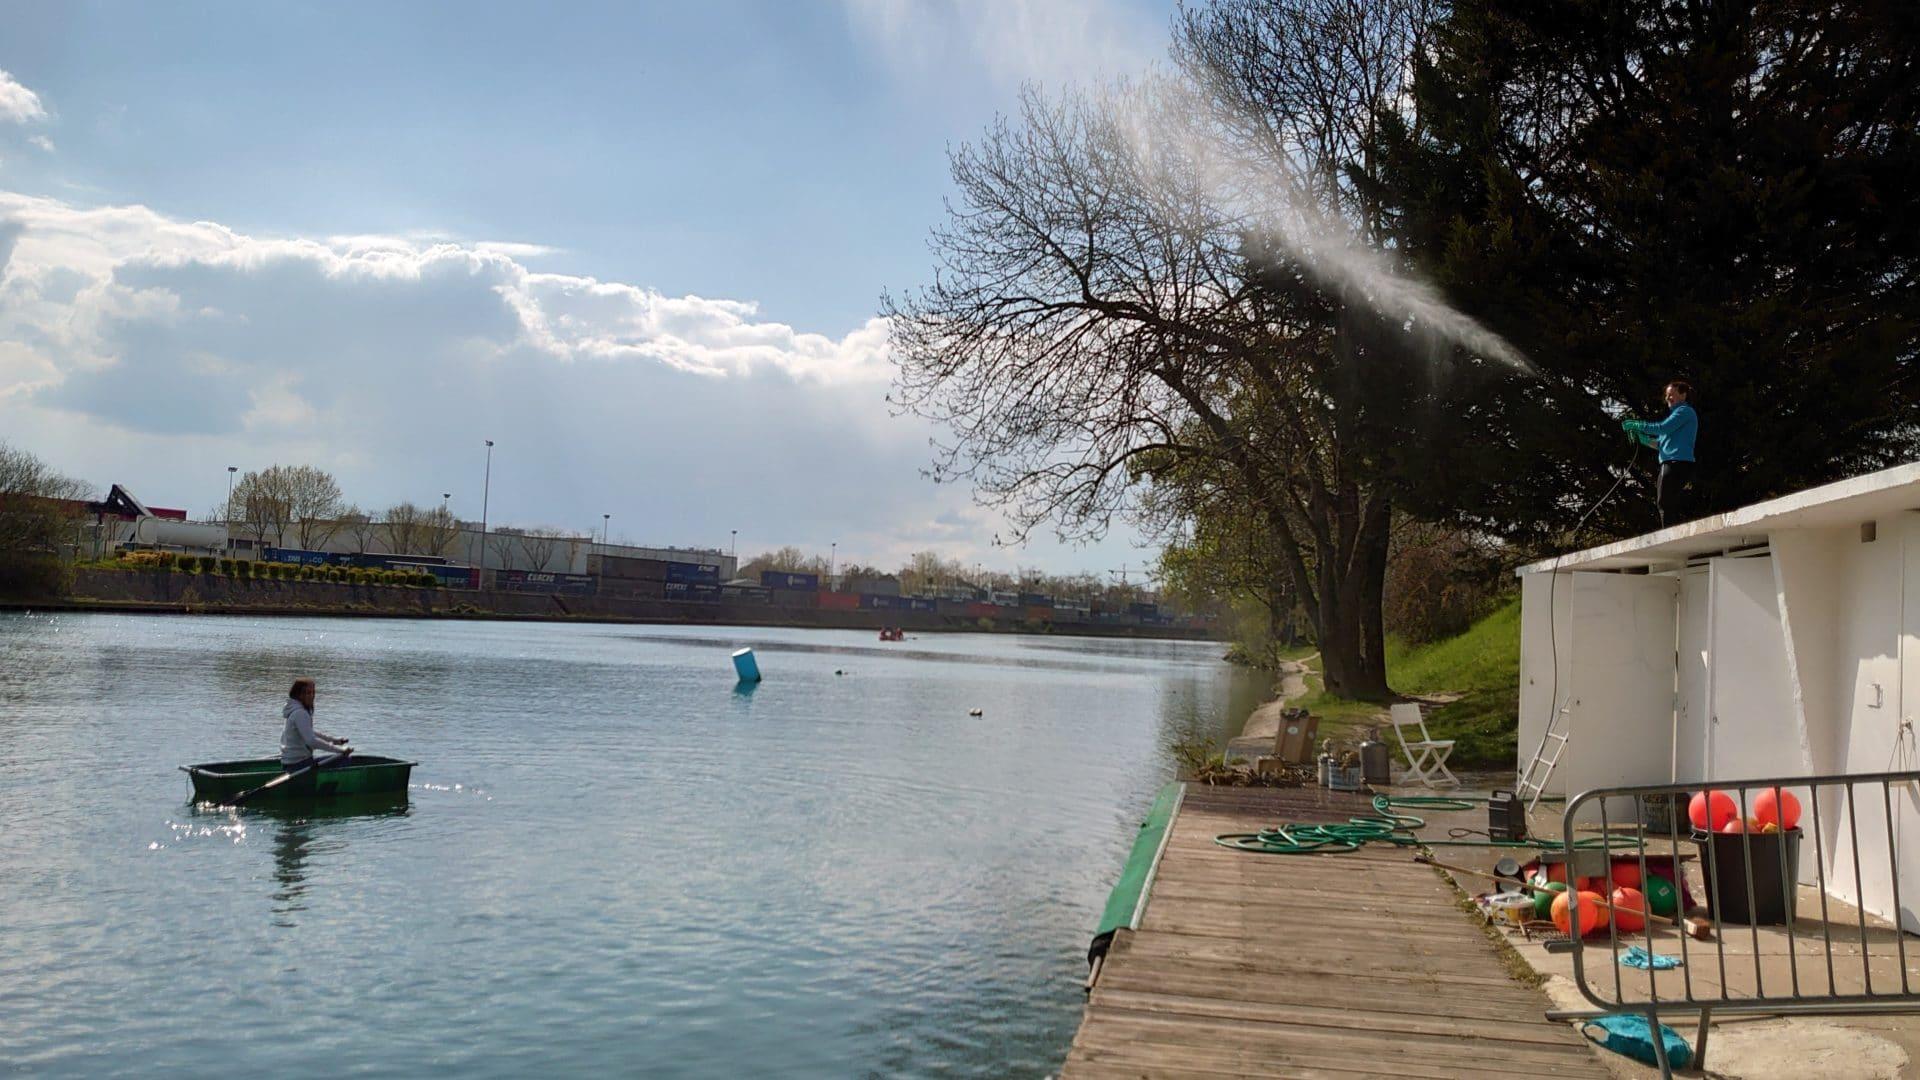 Nettoyage du Club de ski nautique et de wakeboard, et test de la barque